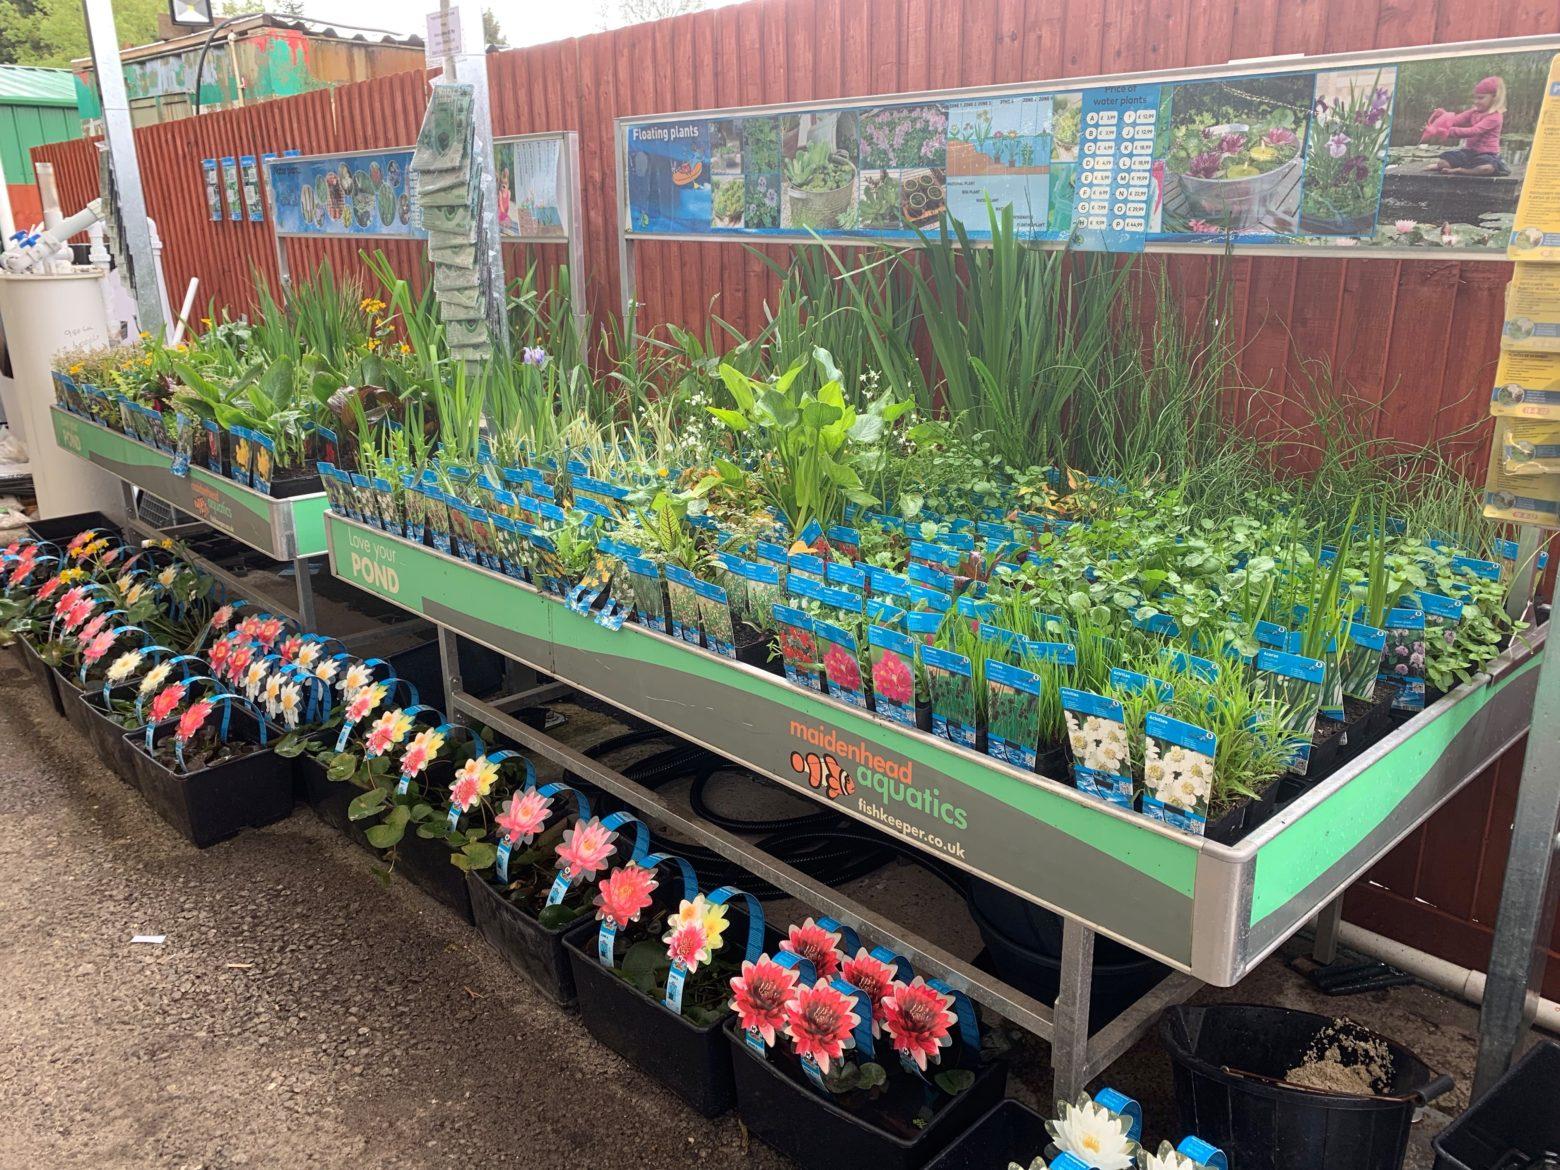 Aquatic plants and Cwmbran store